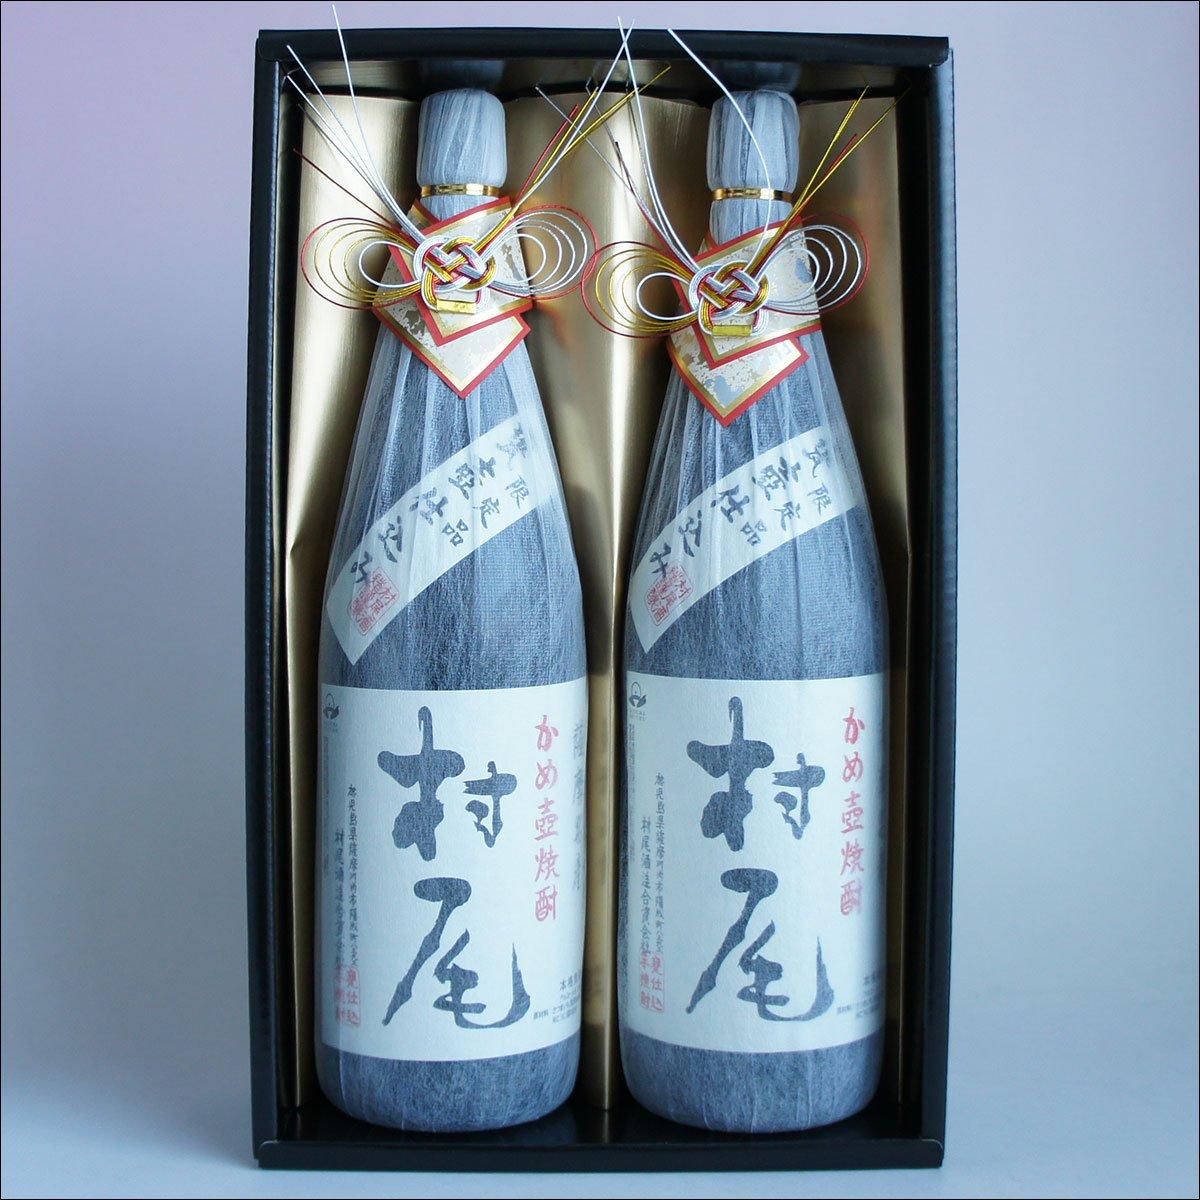 村尾X2本セット「感謝:金蓋紙箱入おめかし」25度 芋焼酎 1800ml B078RBYTGQ